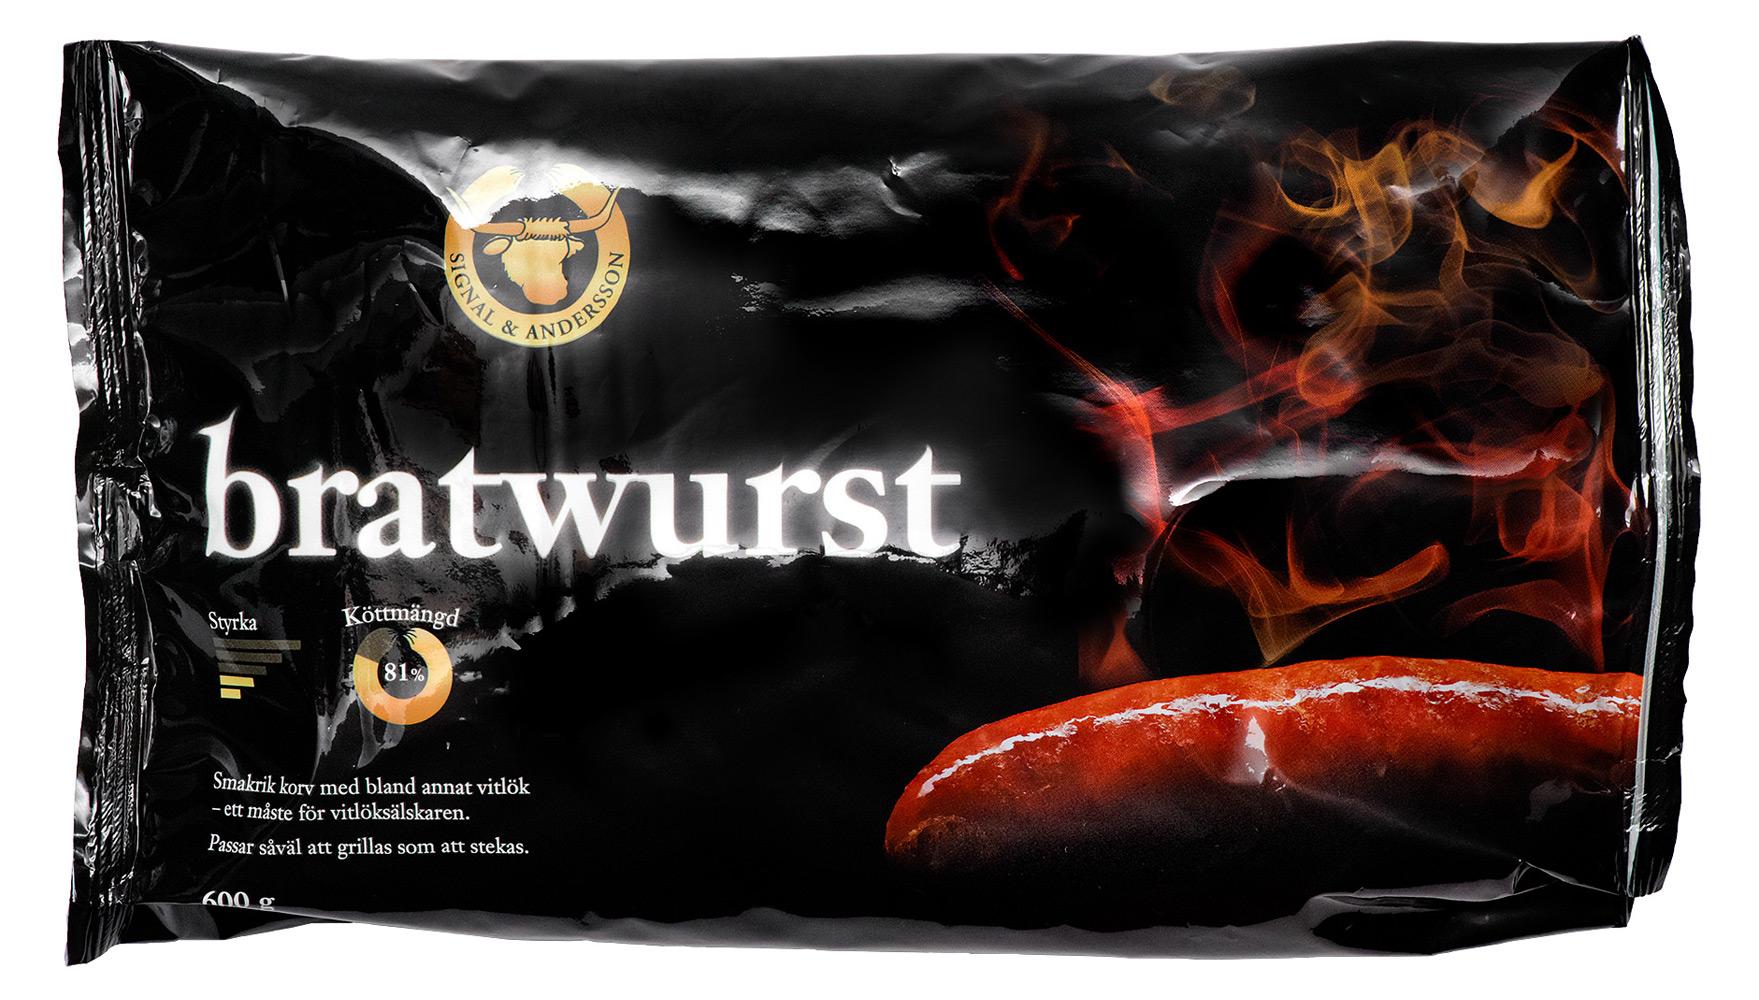 Förpackning bratwurst - Design av Peter Berglund, Bullit Reklambyrå